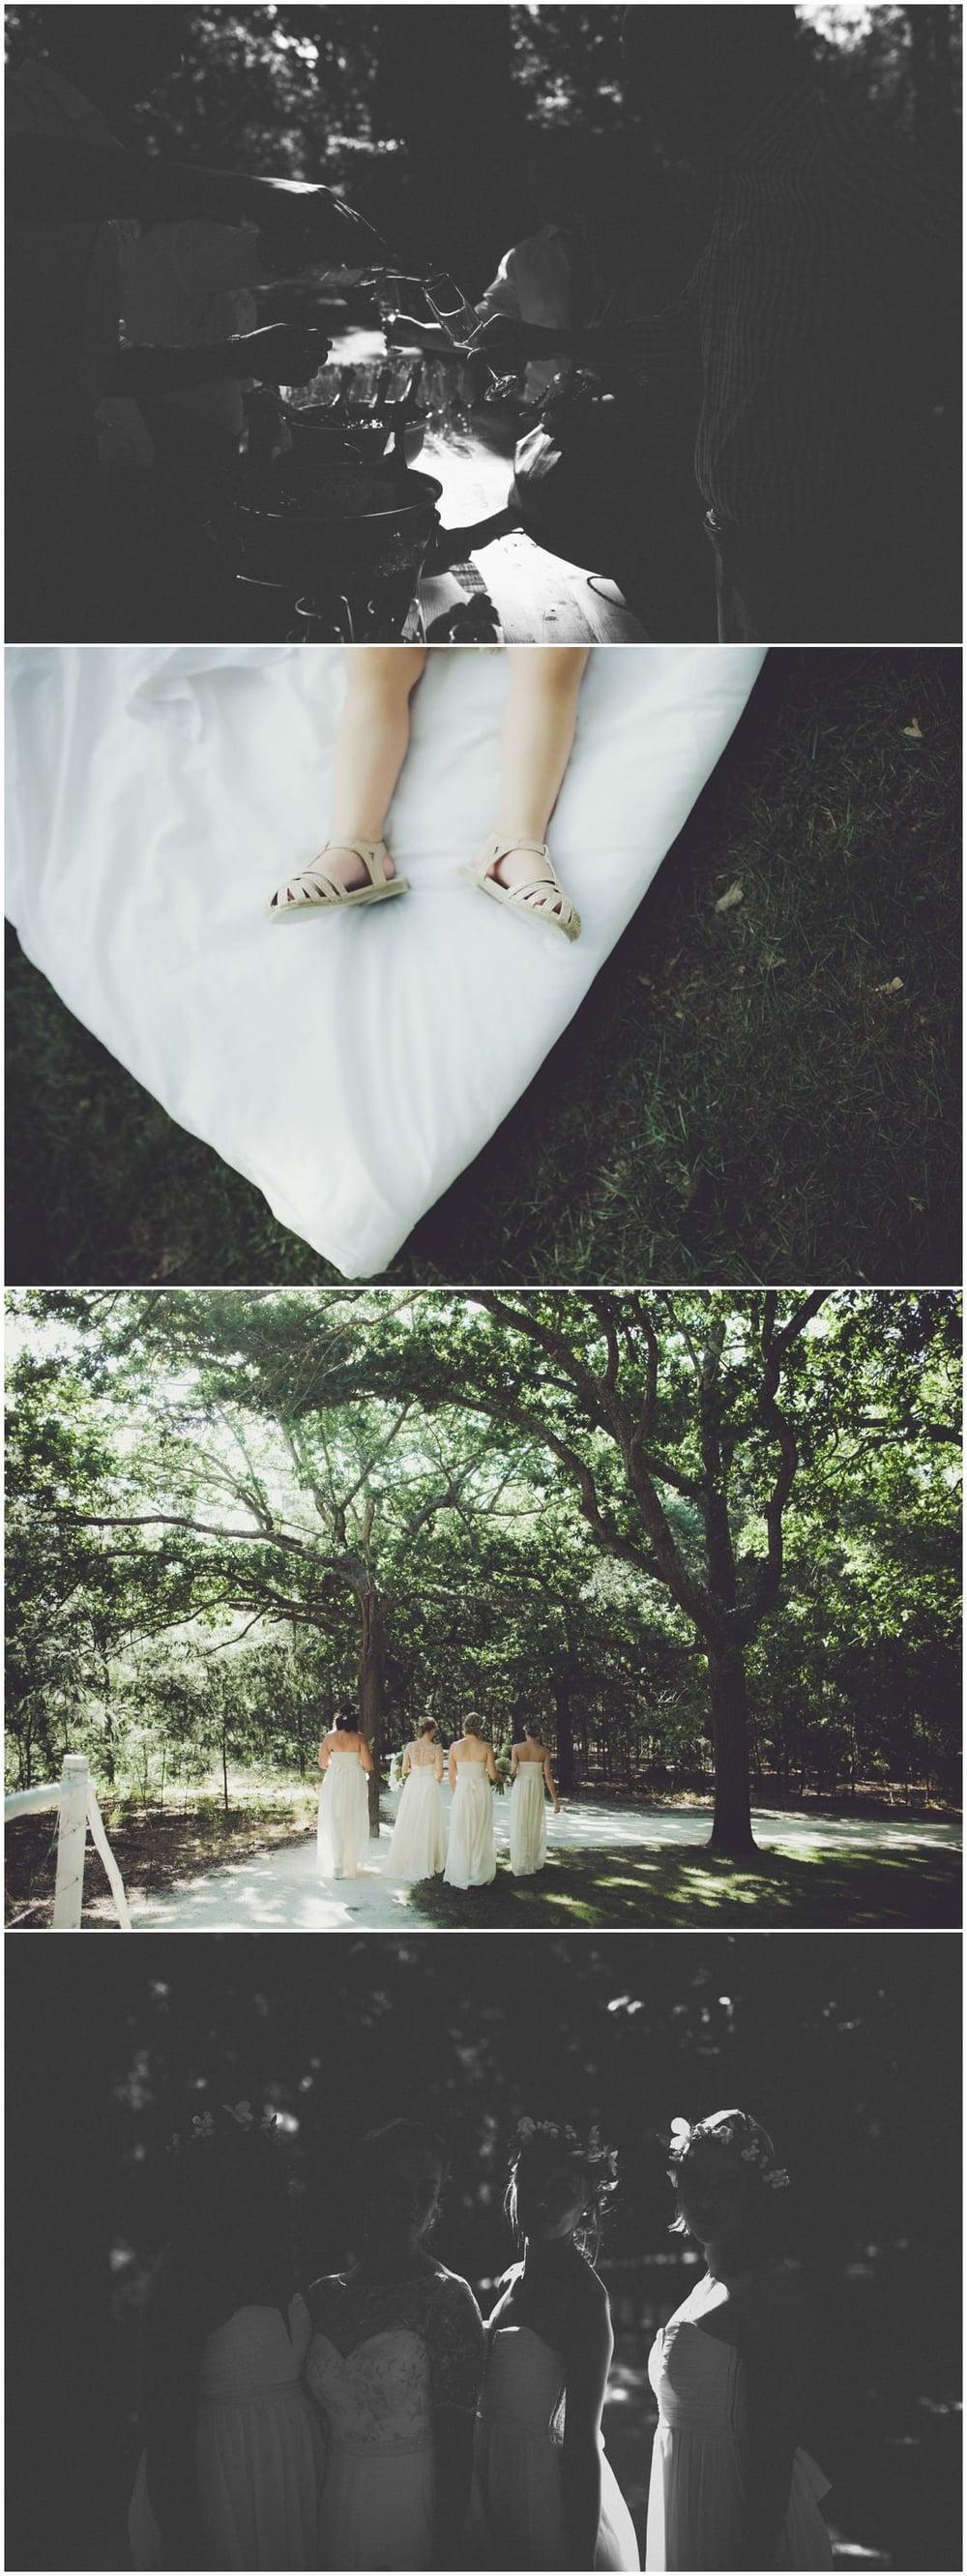 Ruan&Lizzie@Diewoud_FionaClairPhotography-143.jpg